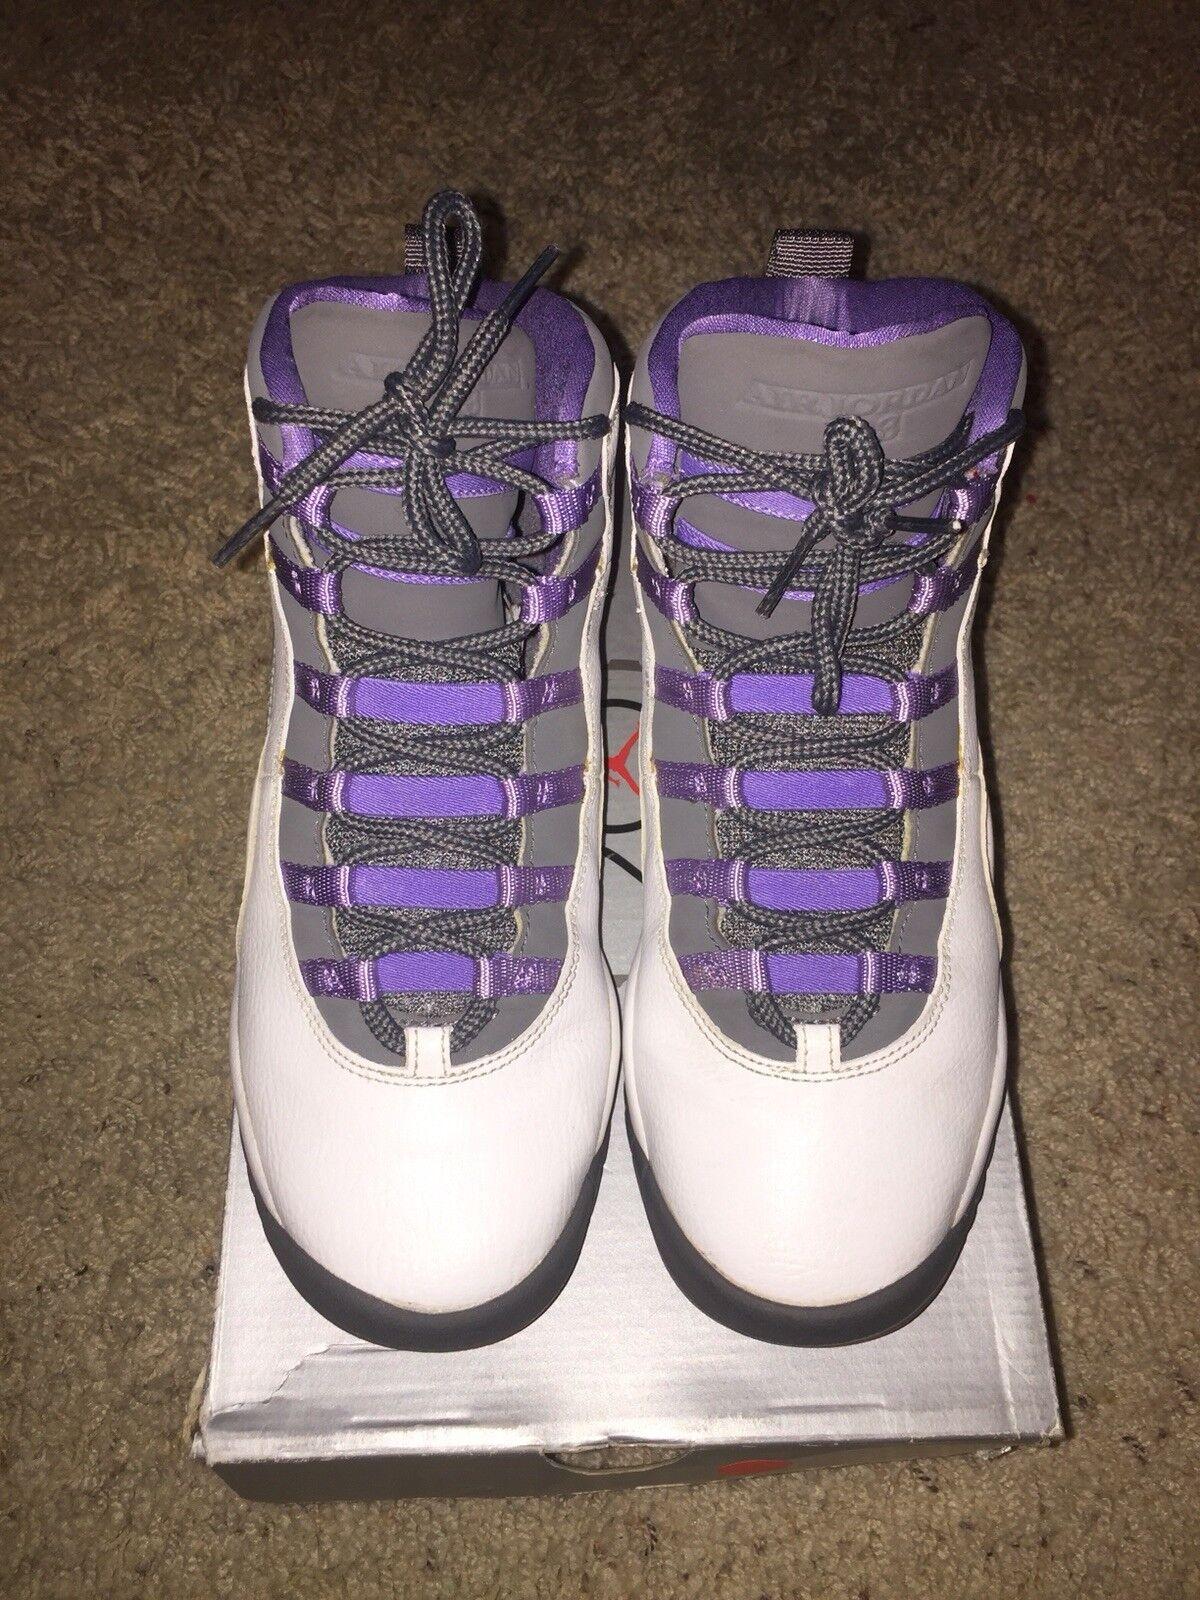 Air Jordan Jordan Air Violet 10s tamaño 7 4e51f4